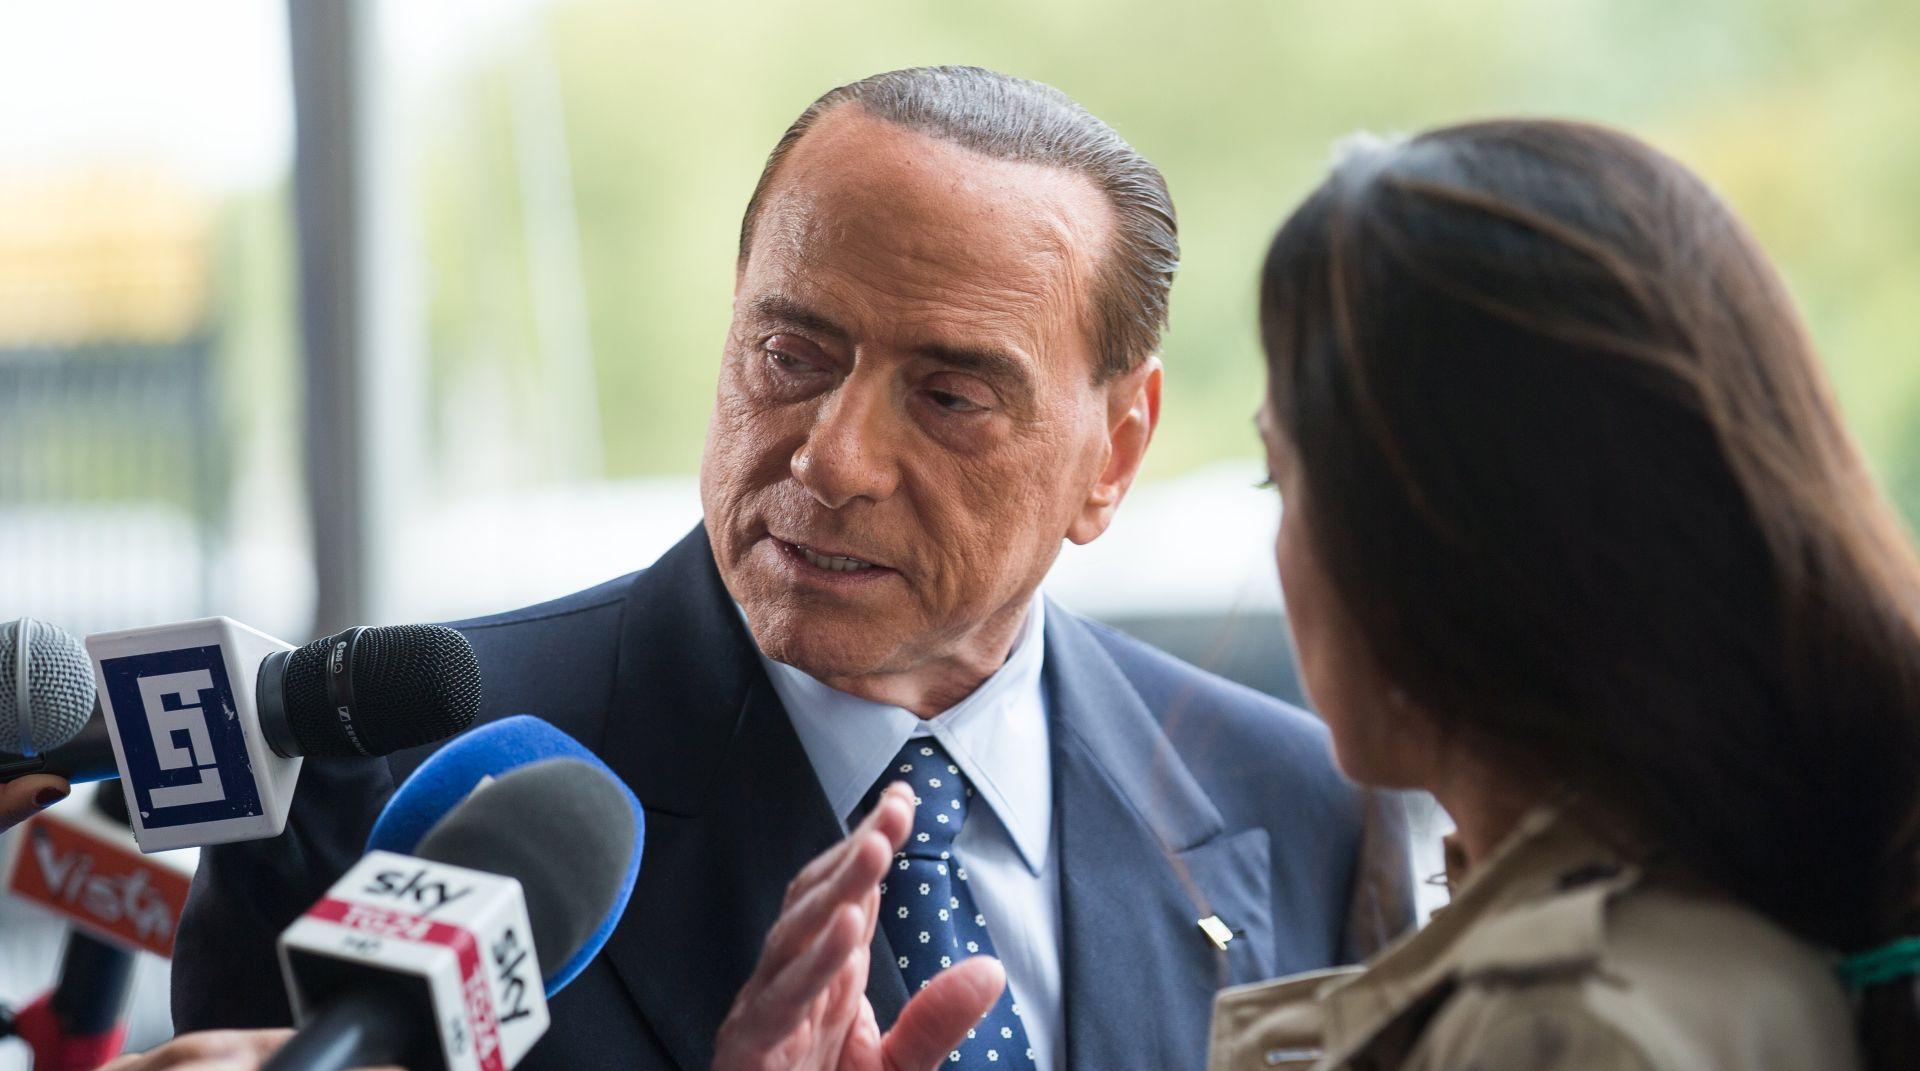 Berlusconi pod istragom o mafijaškim napadima 1993., odvjetnik kaže iz političkih razloga